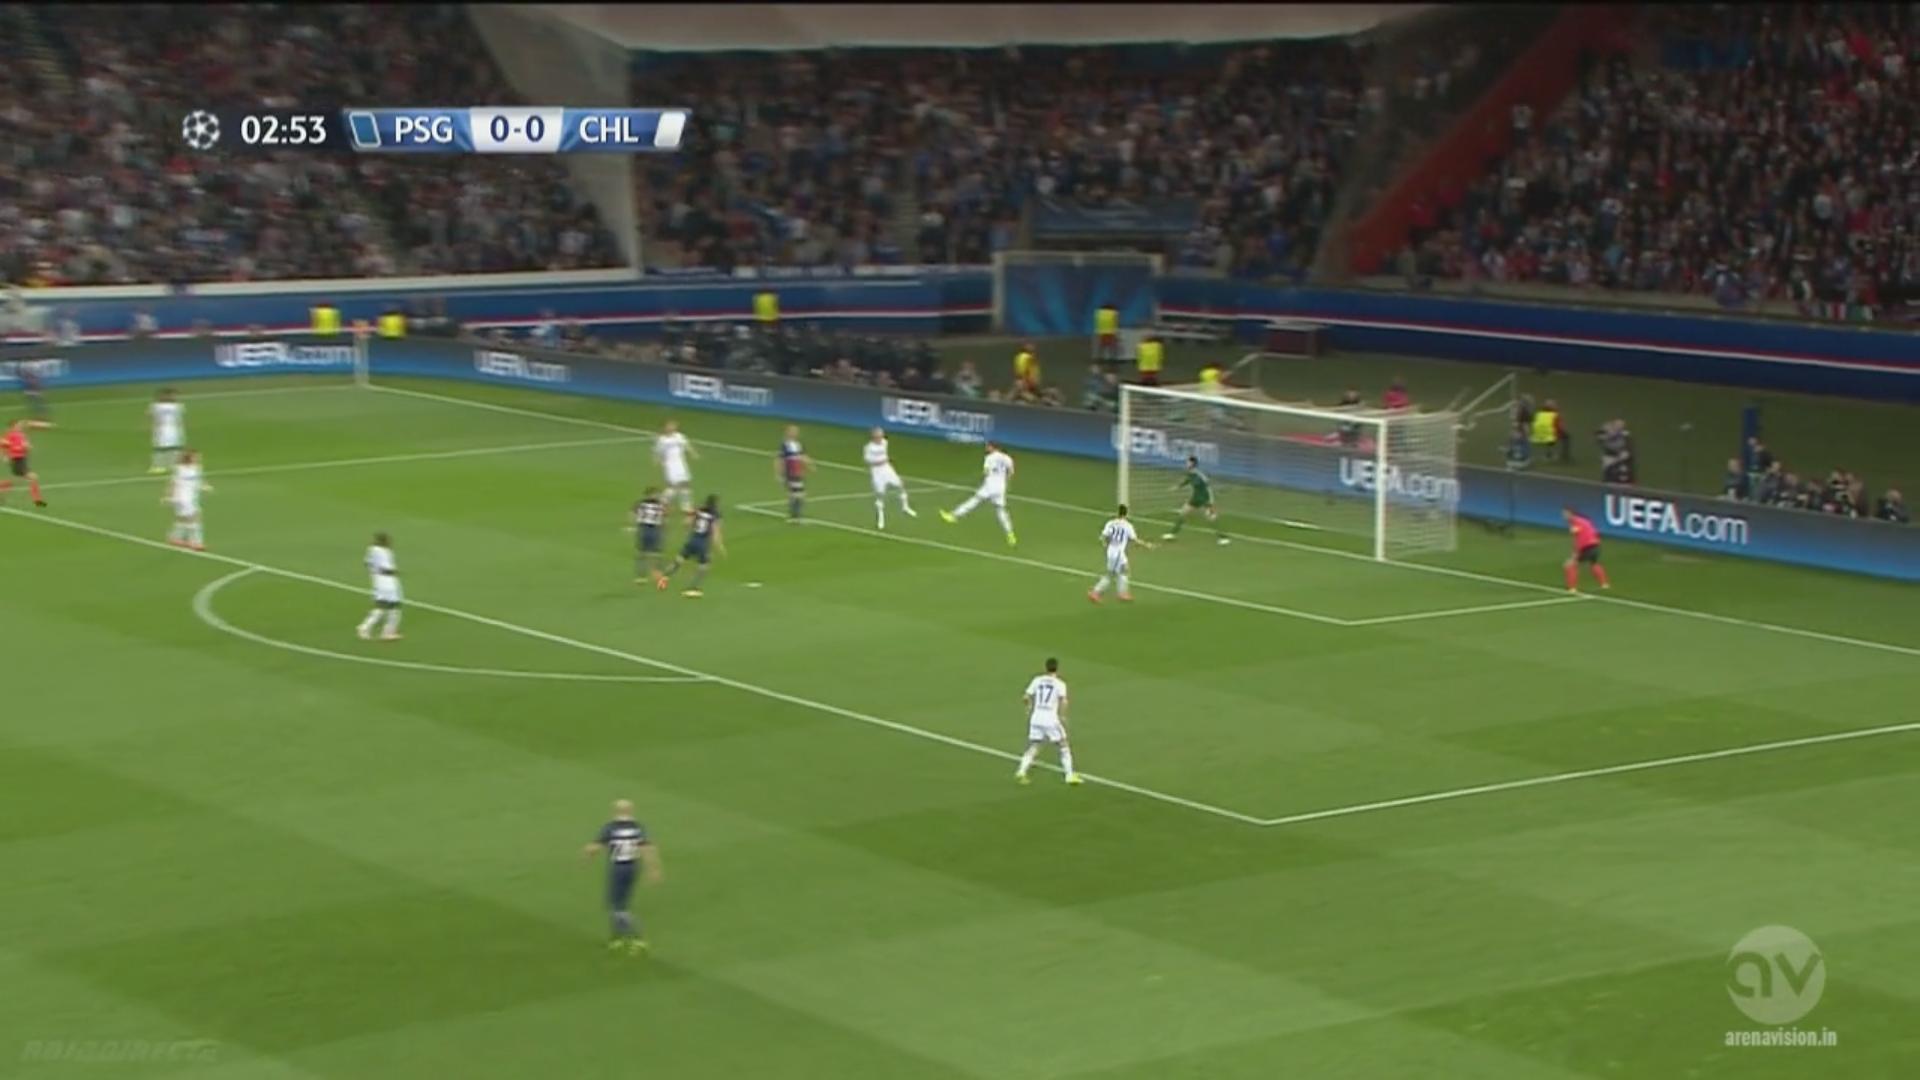 Chelsea recule, mais le repli de David Luiz et Ramires est défaillant. Postés dans un trou de 10 mètres, Lavezzi et Cavani attendent l'erreur qui viendra de Terry.